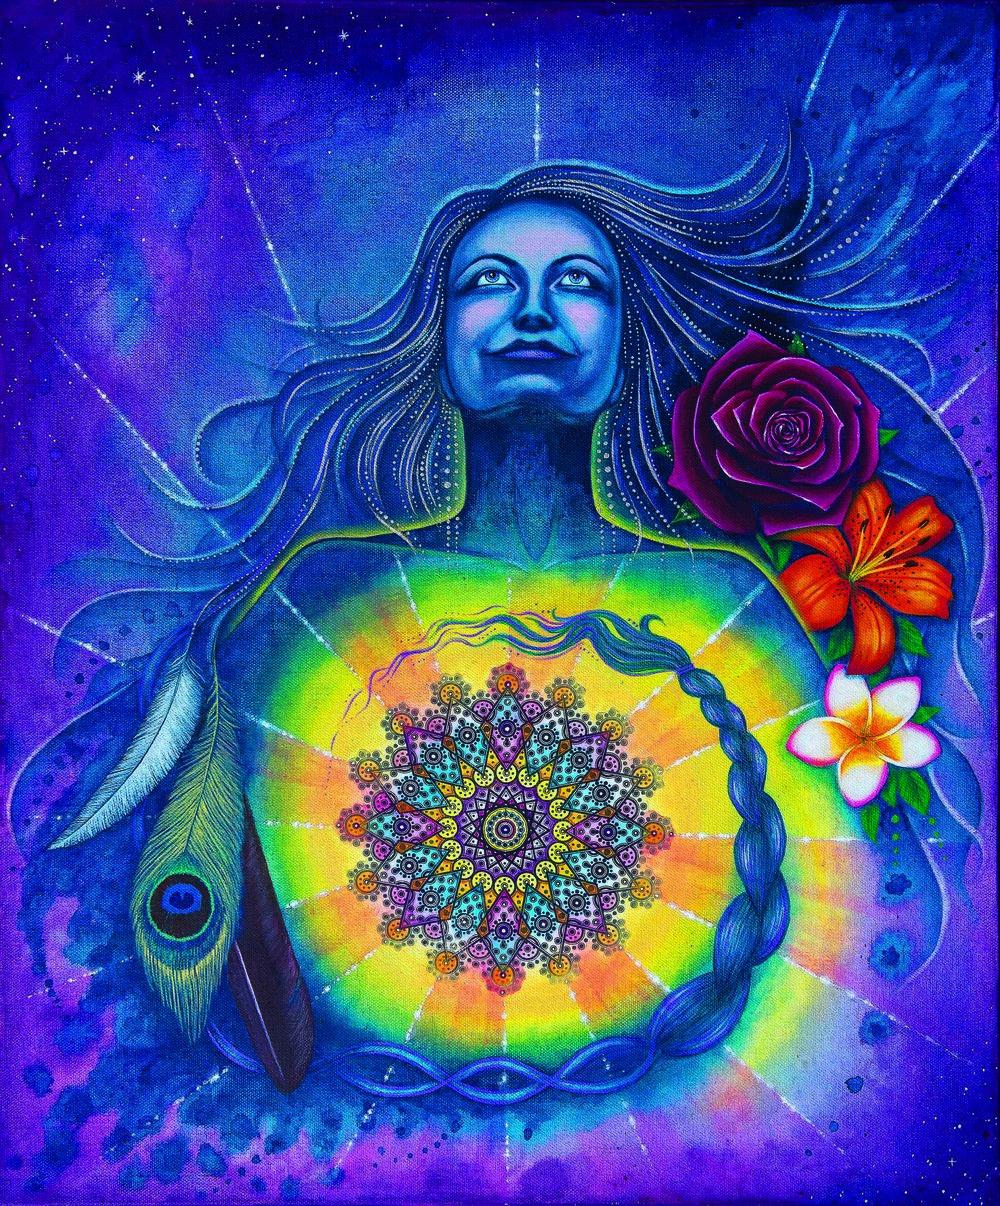 Spirit of the Goddess